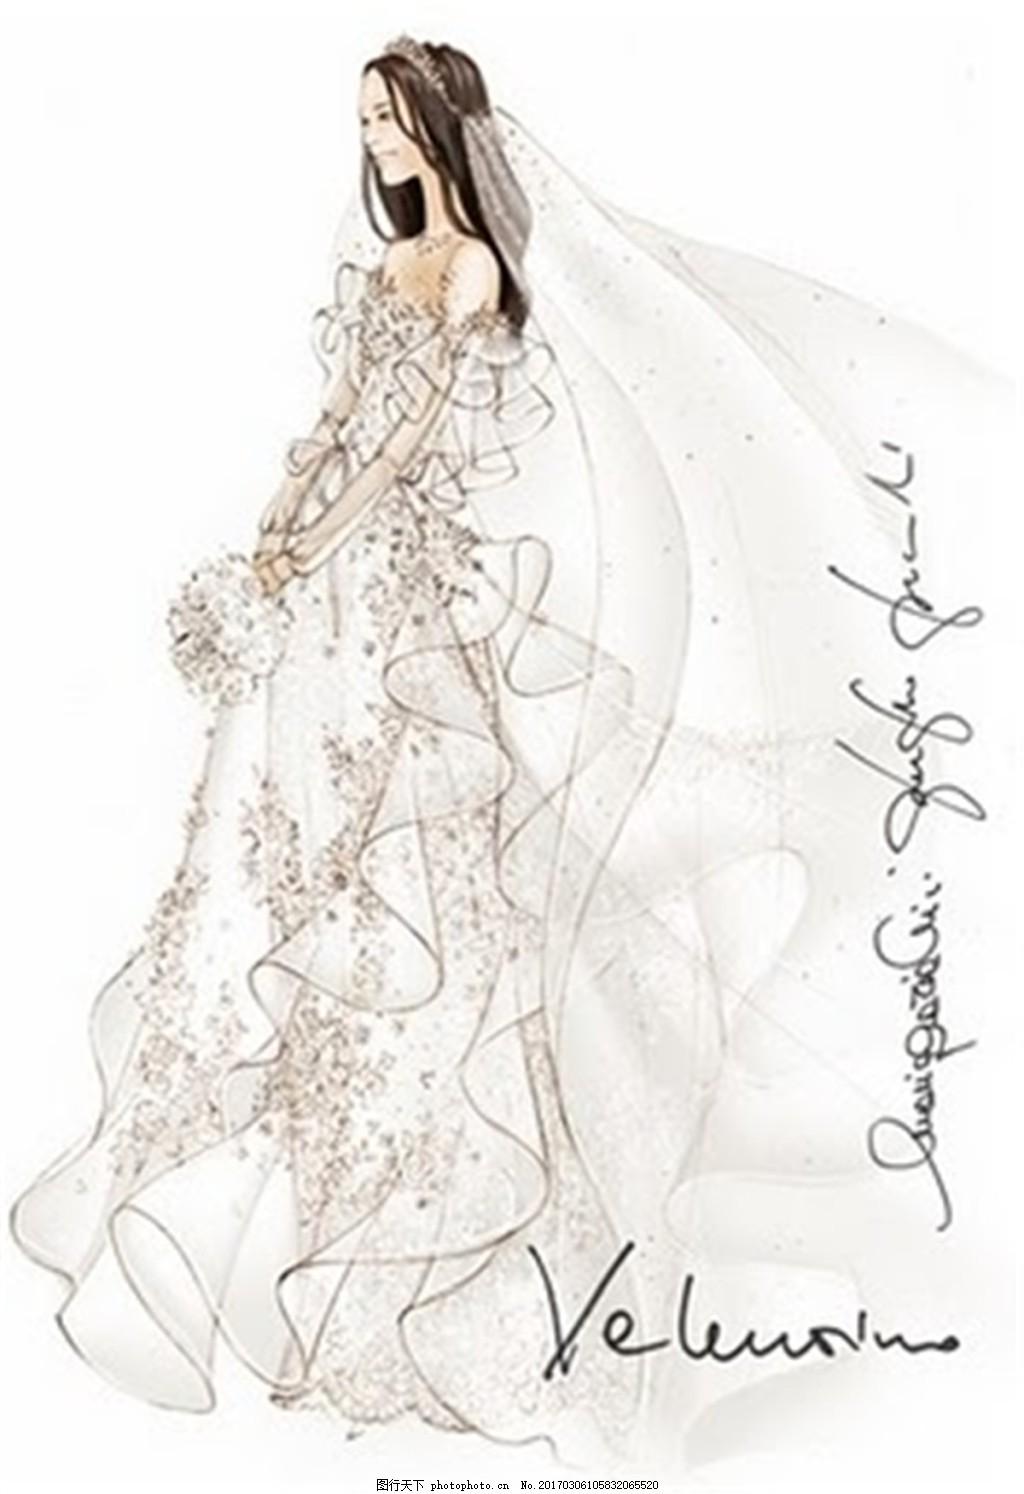 设计图库 现代科技 服装设计  唯美婚纱设计图 服装设计 时尚女装